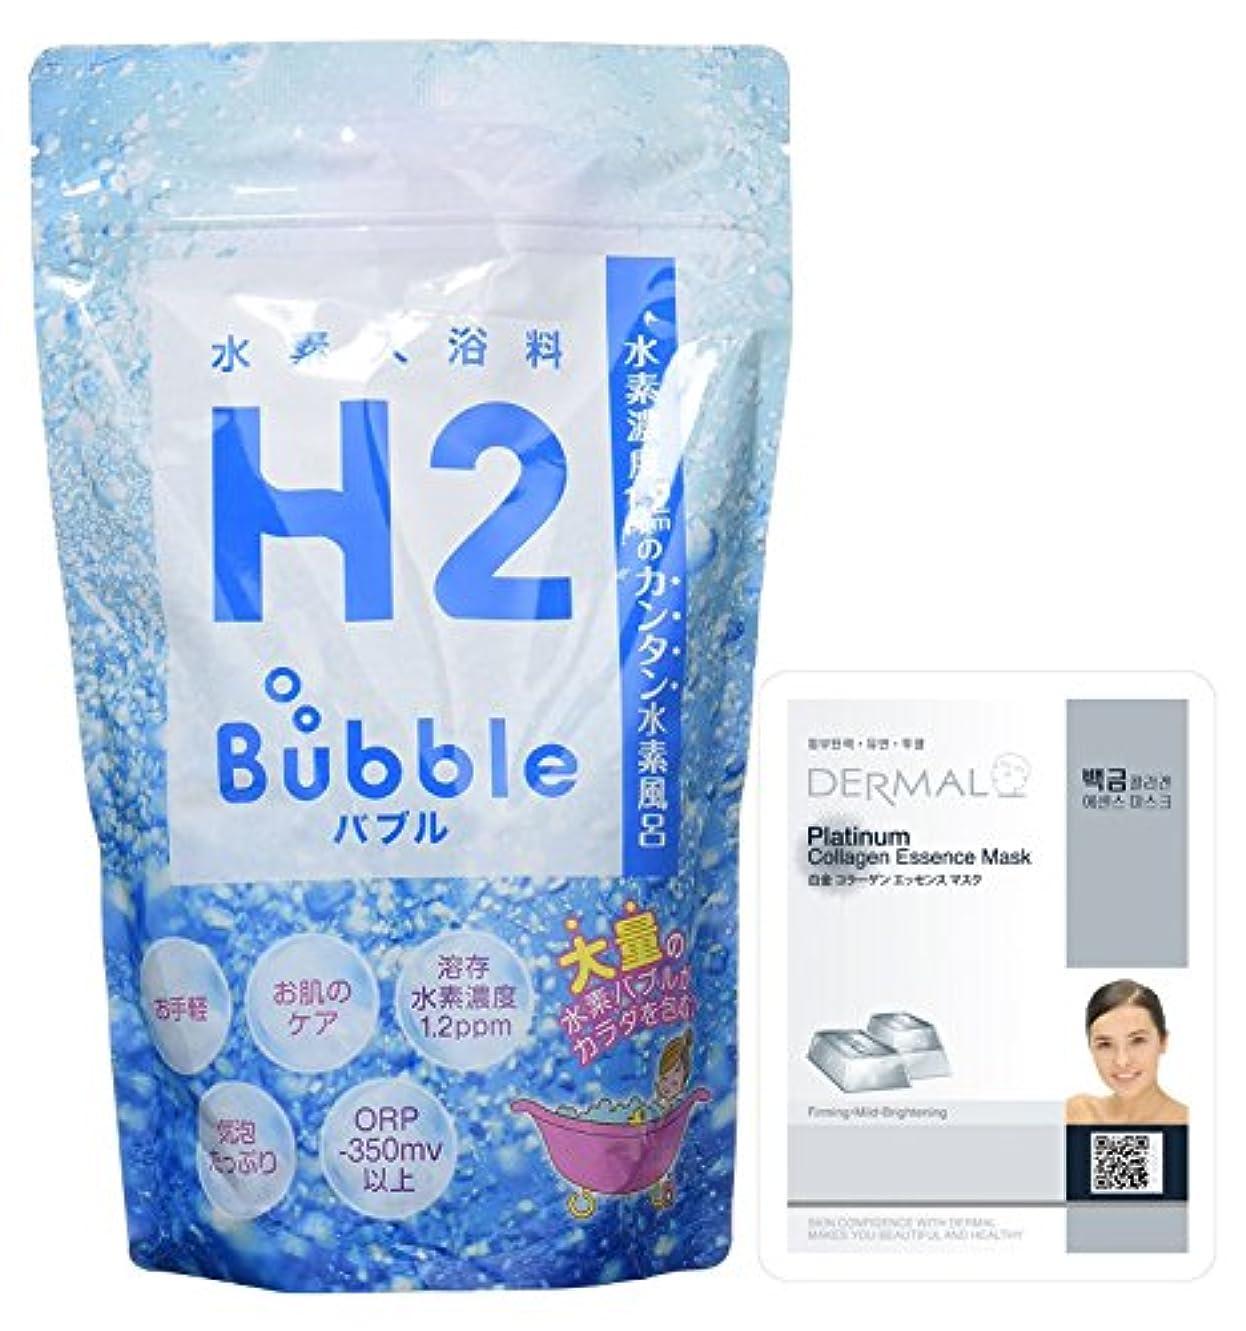 記念日交流する叙情的な水素 入浴剤 H2Bubble(エイチツーバブル)お徳用パック 700g (30日分)+白金シートパック1P セット